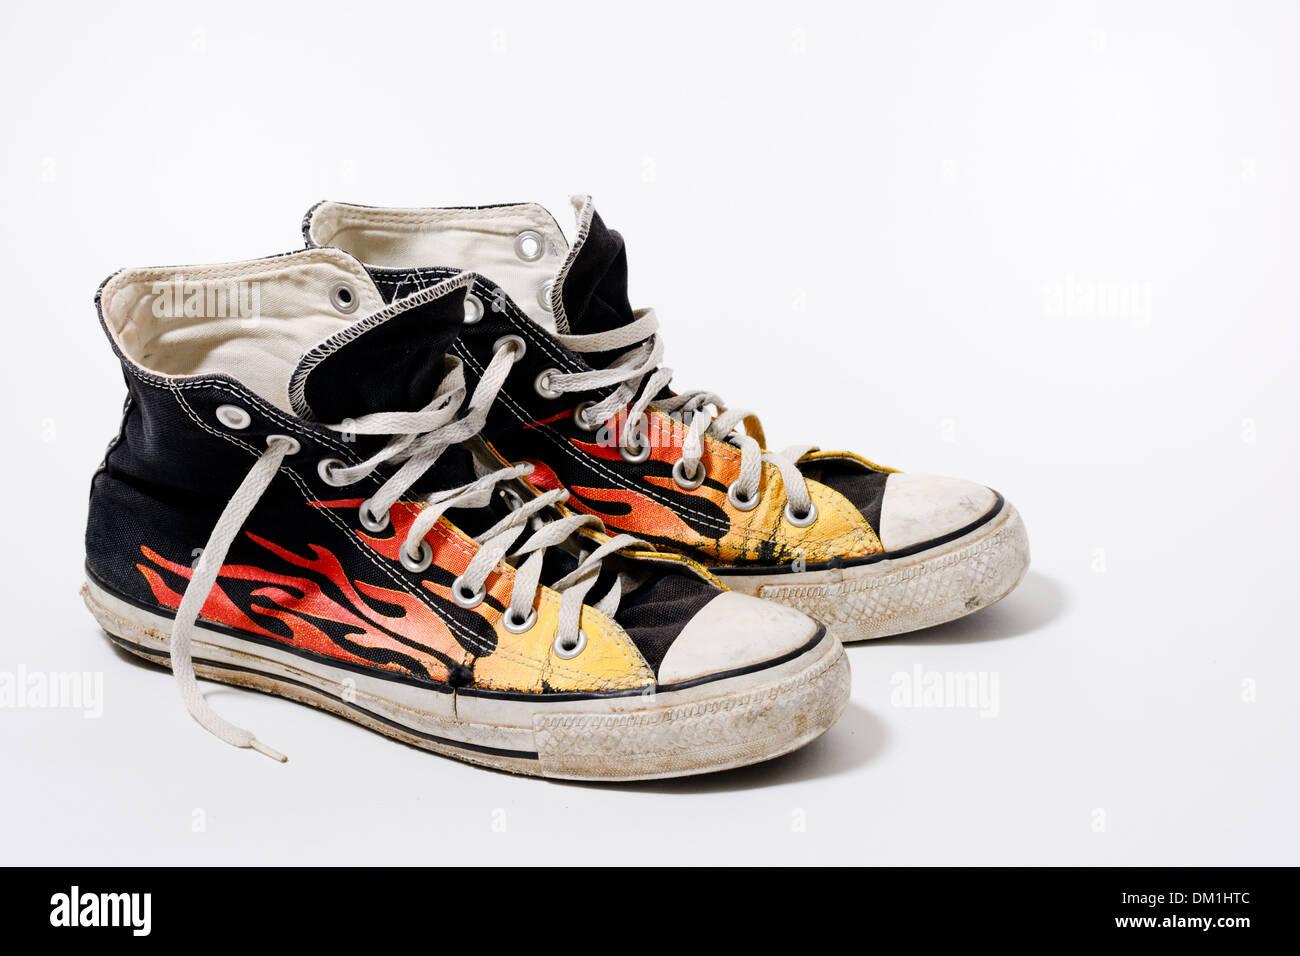 Logoro e sporco Converse All Star scarpe isolati su sfondo